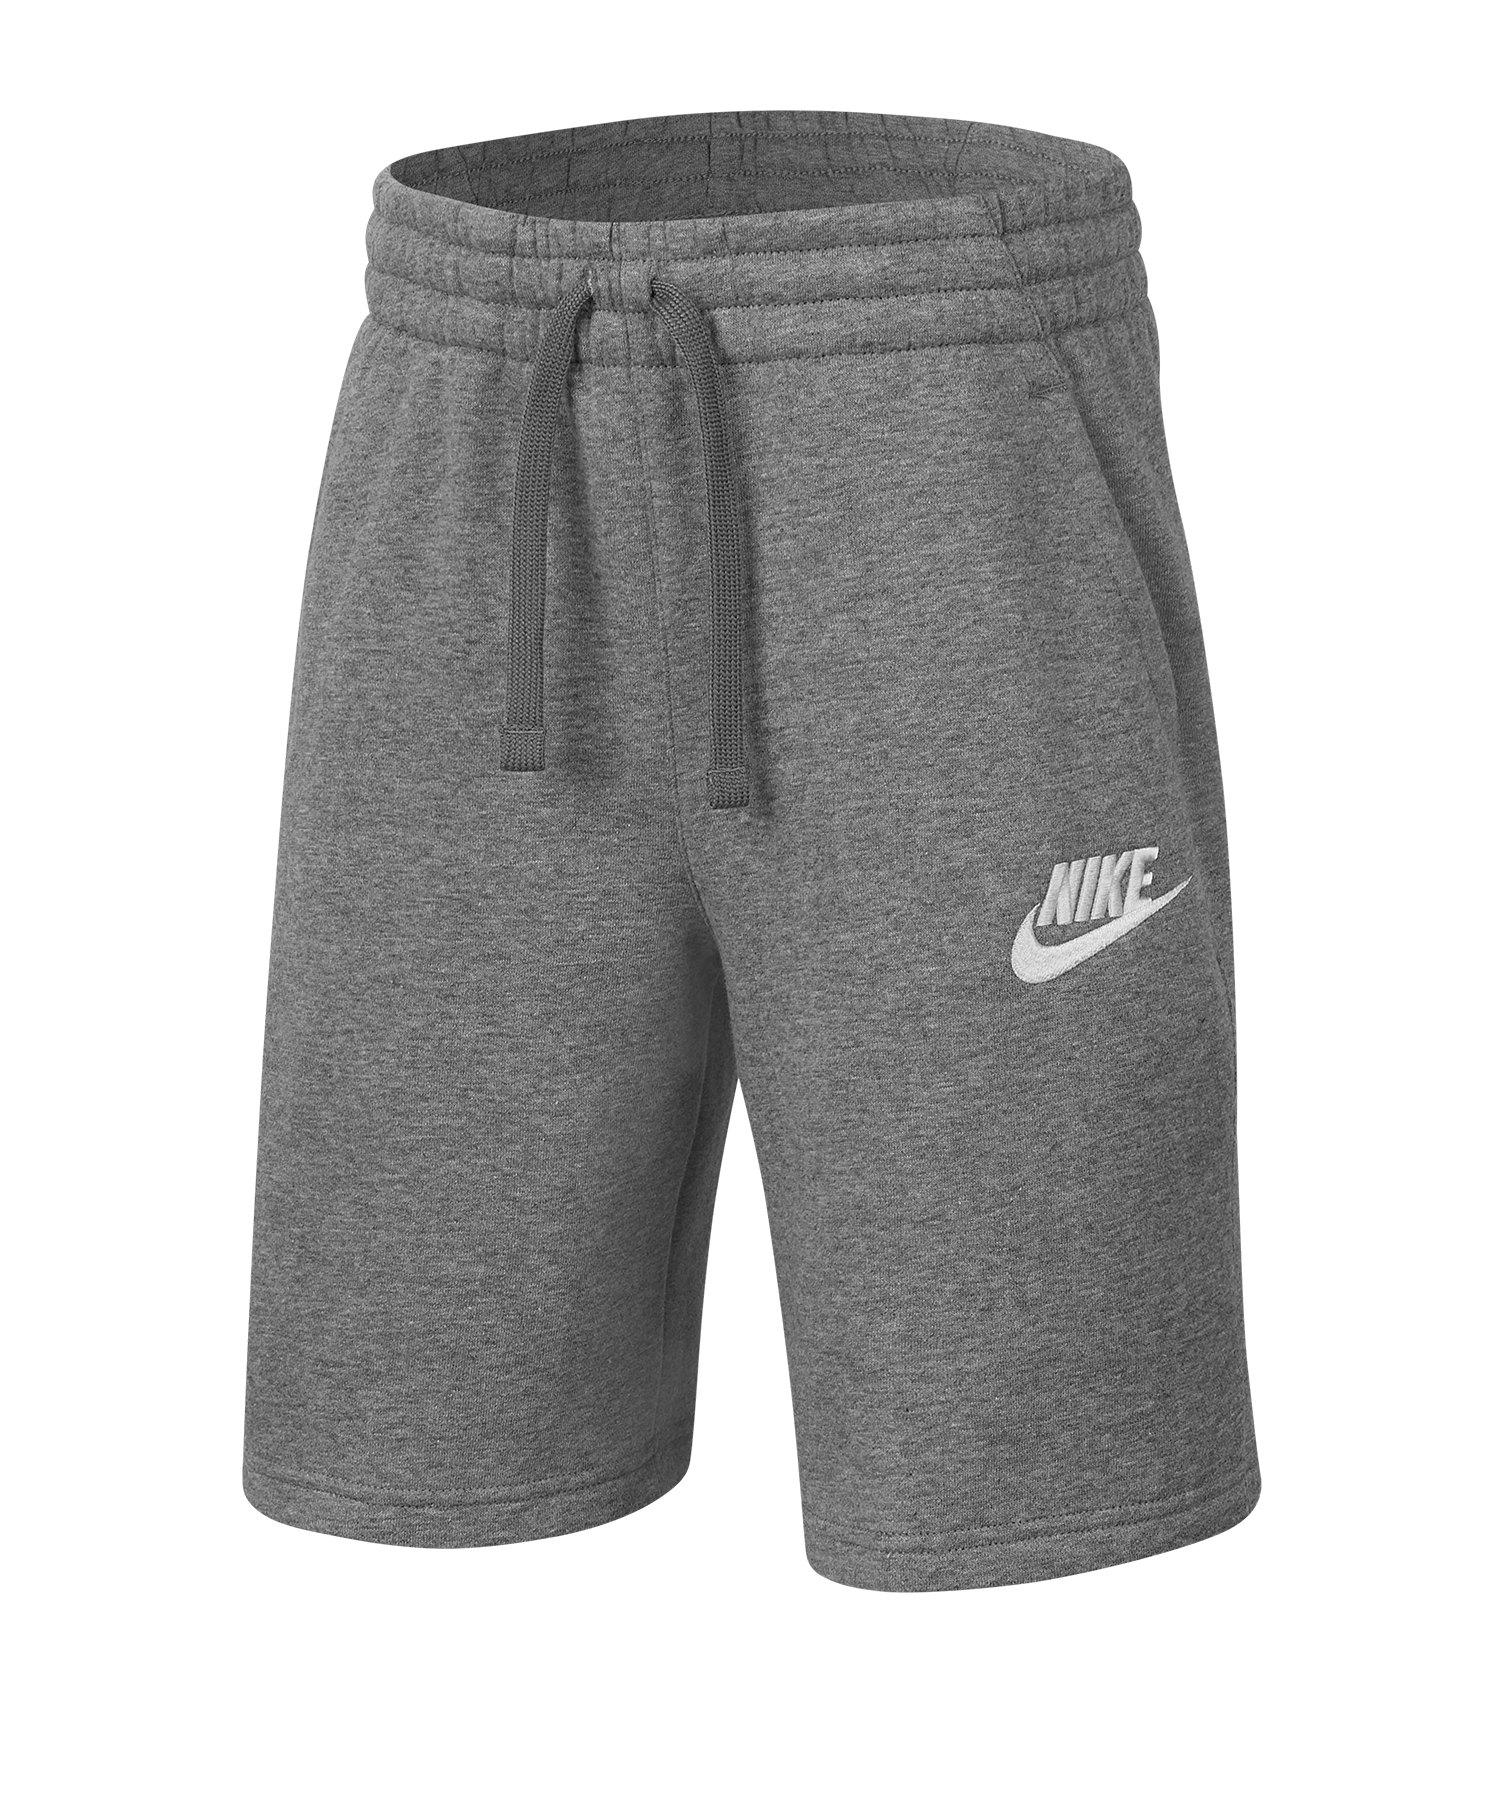 Nike Club Fleece Short Kids Grau F091 - grau